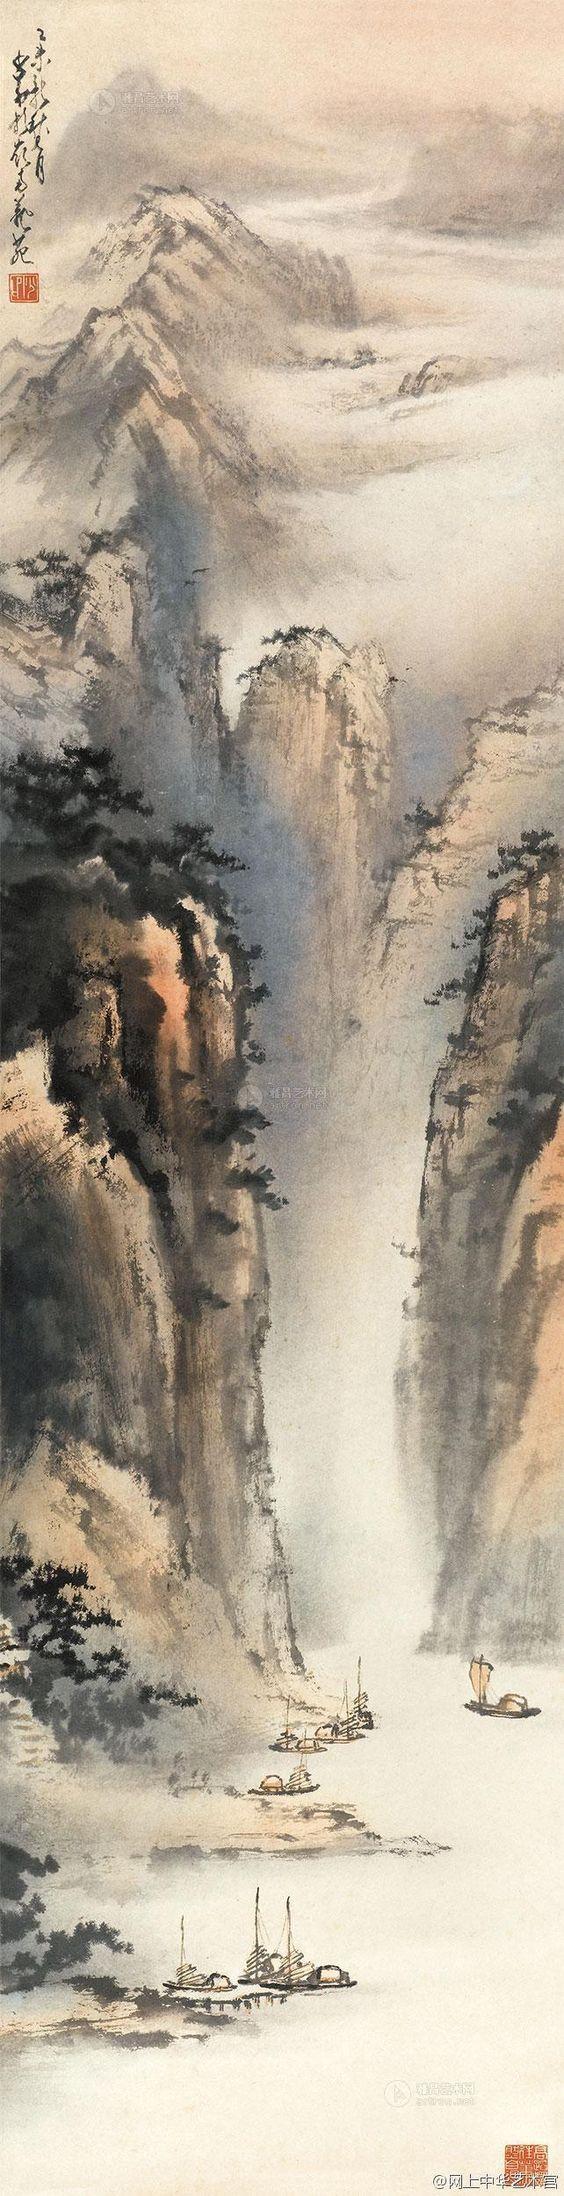 Partie 9 De Mon Blog Au Cœur De La Peinture Des Lettres Https Turandoscope WordPress Com 20 Chinese Landscape Painting Chinese Landscape Japanese Painting